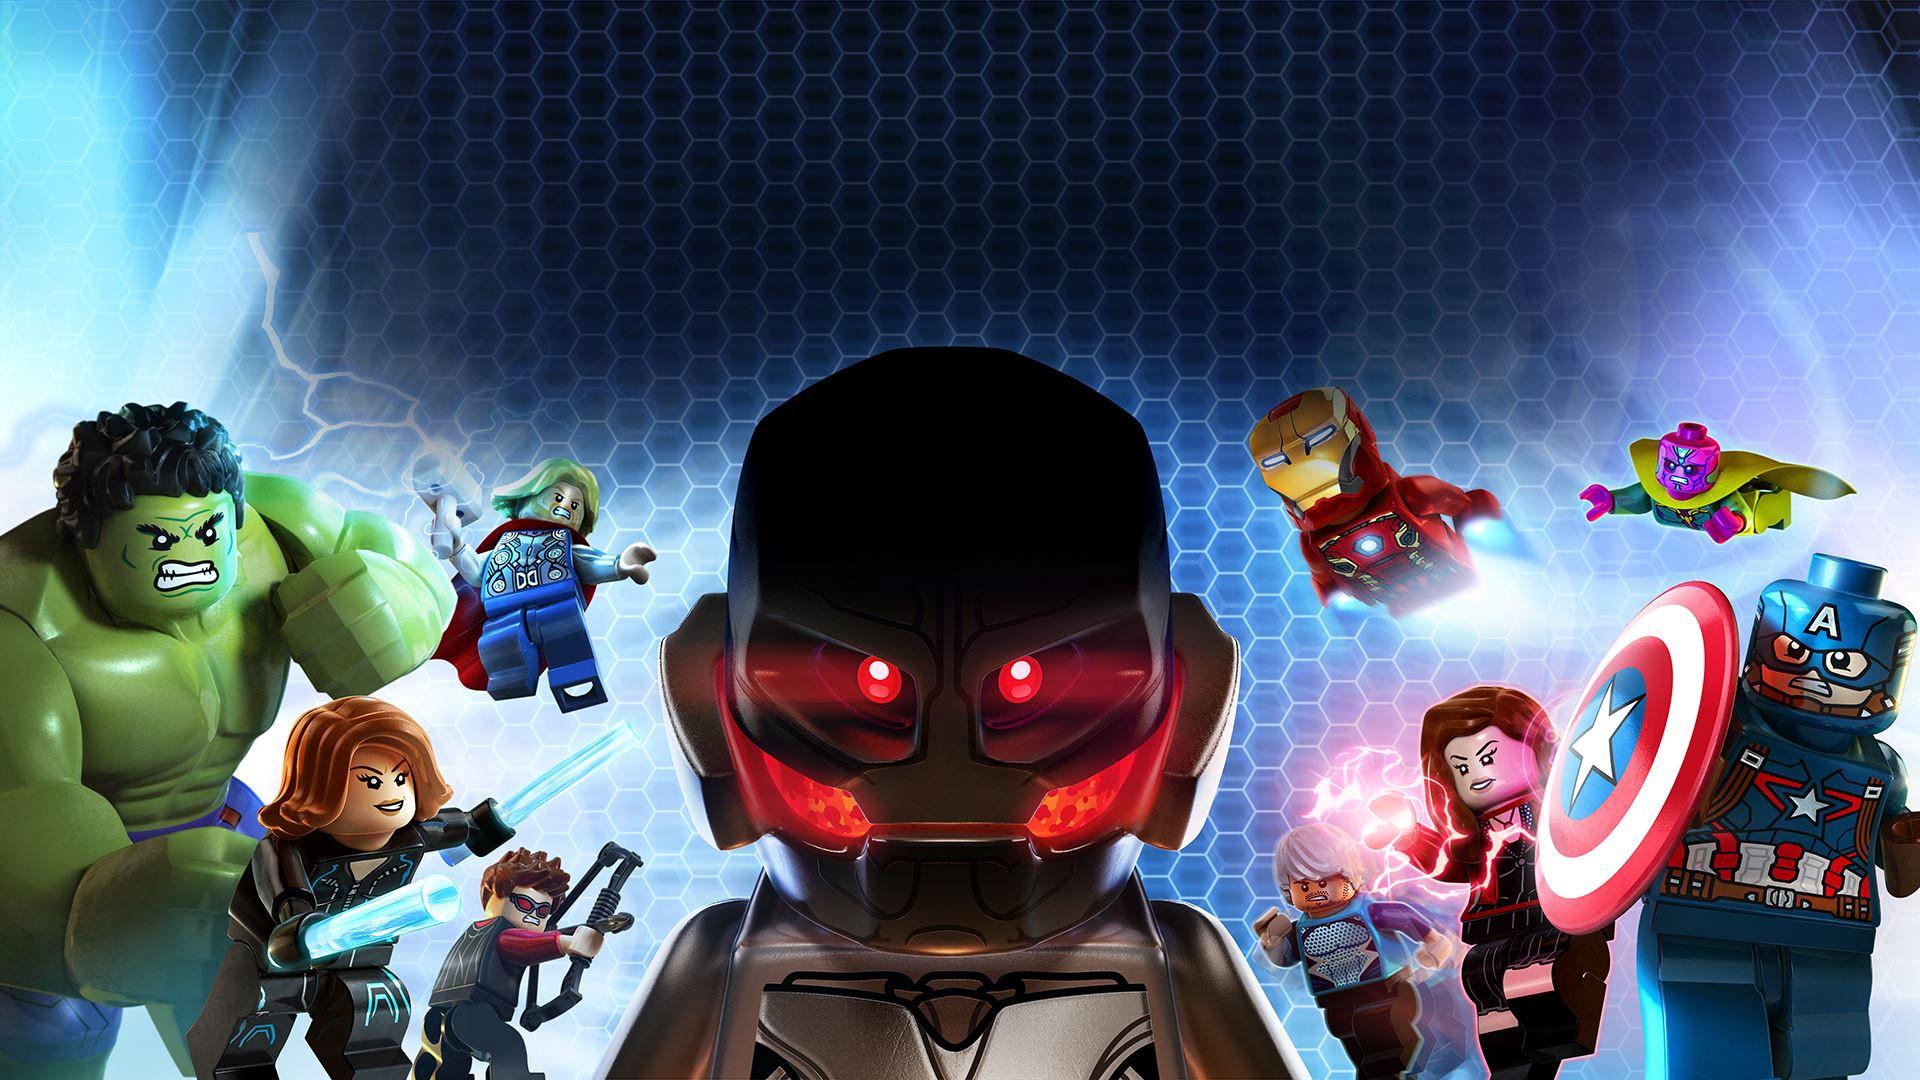 … Marvel's Avengers 1080p Wallpaper …